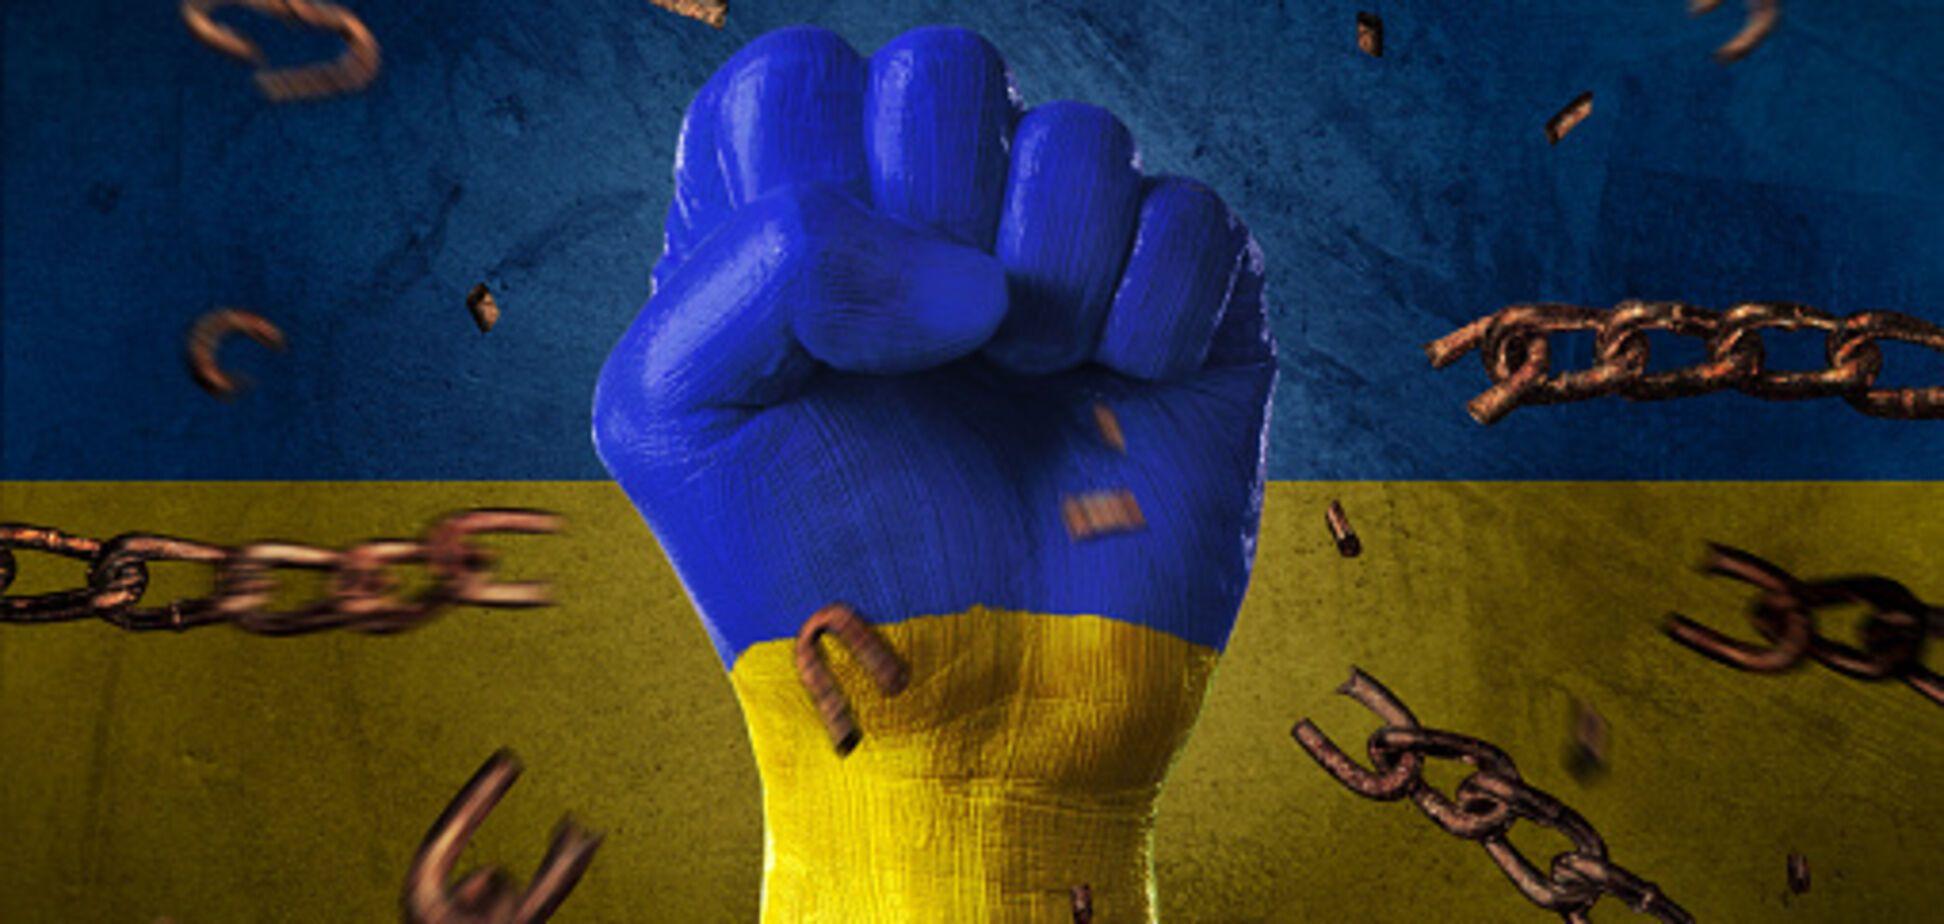 Украинцам пора зарубить на носу: никому, кроме себя самих, мы больше не нужны